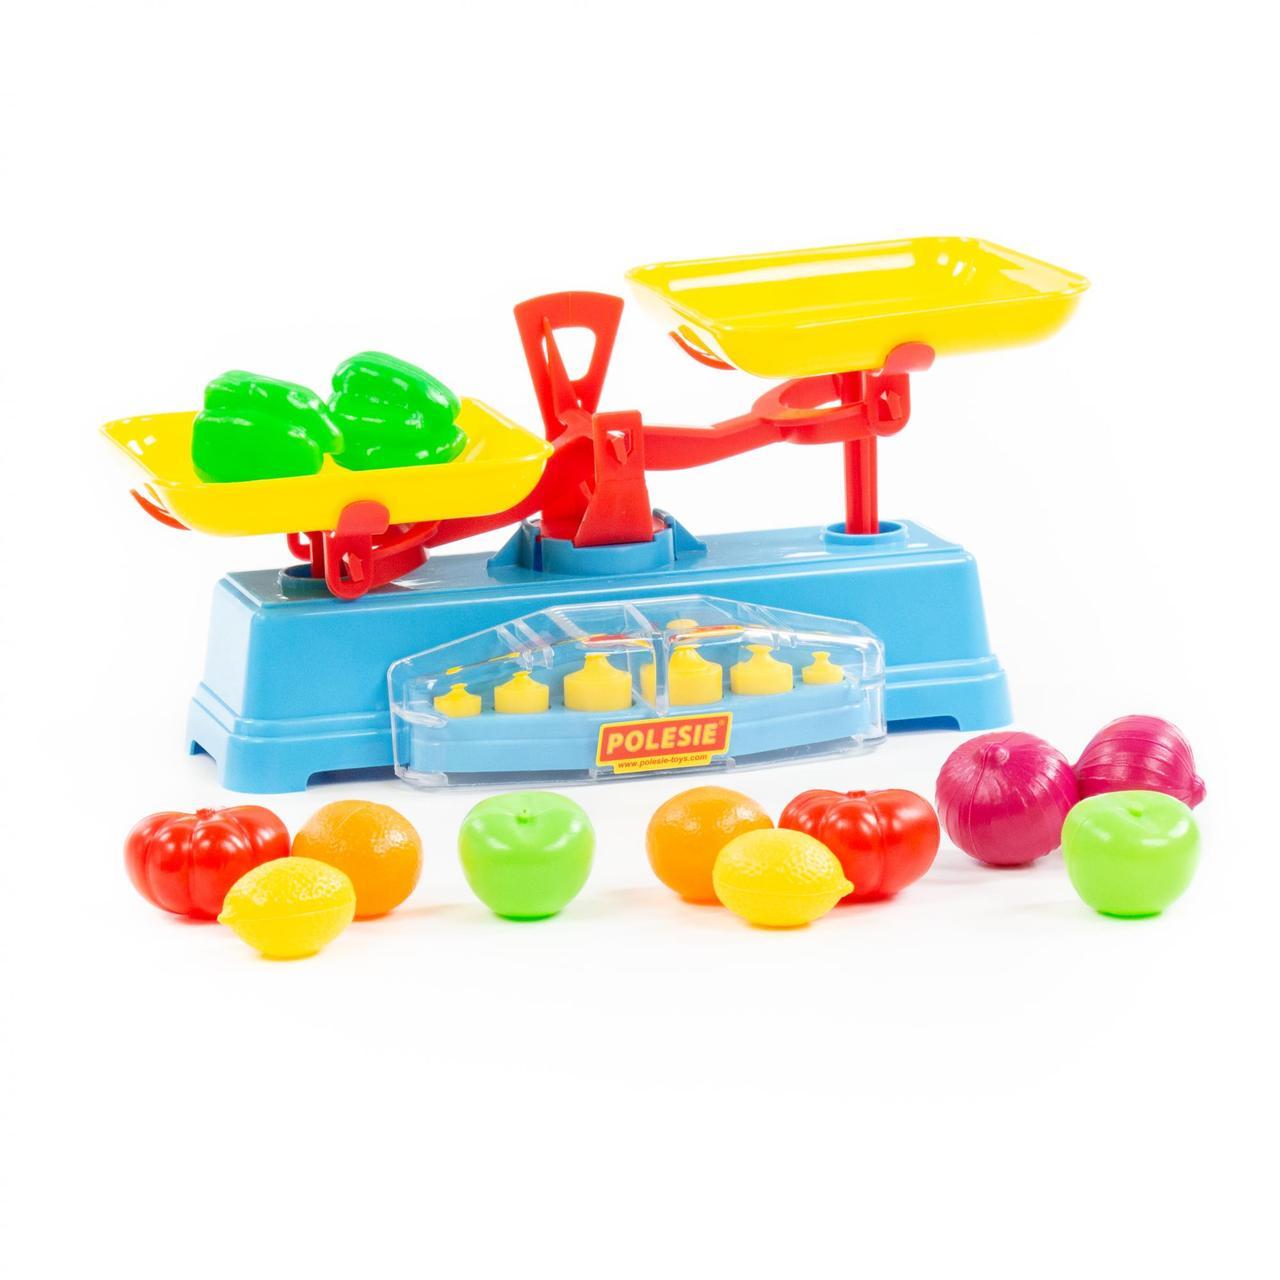 Игровой набор - Весы и комплект продуктов - фото 3